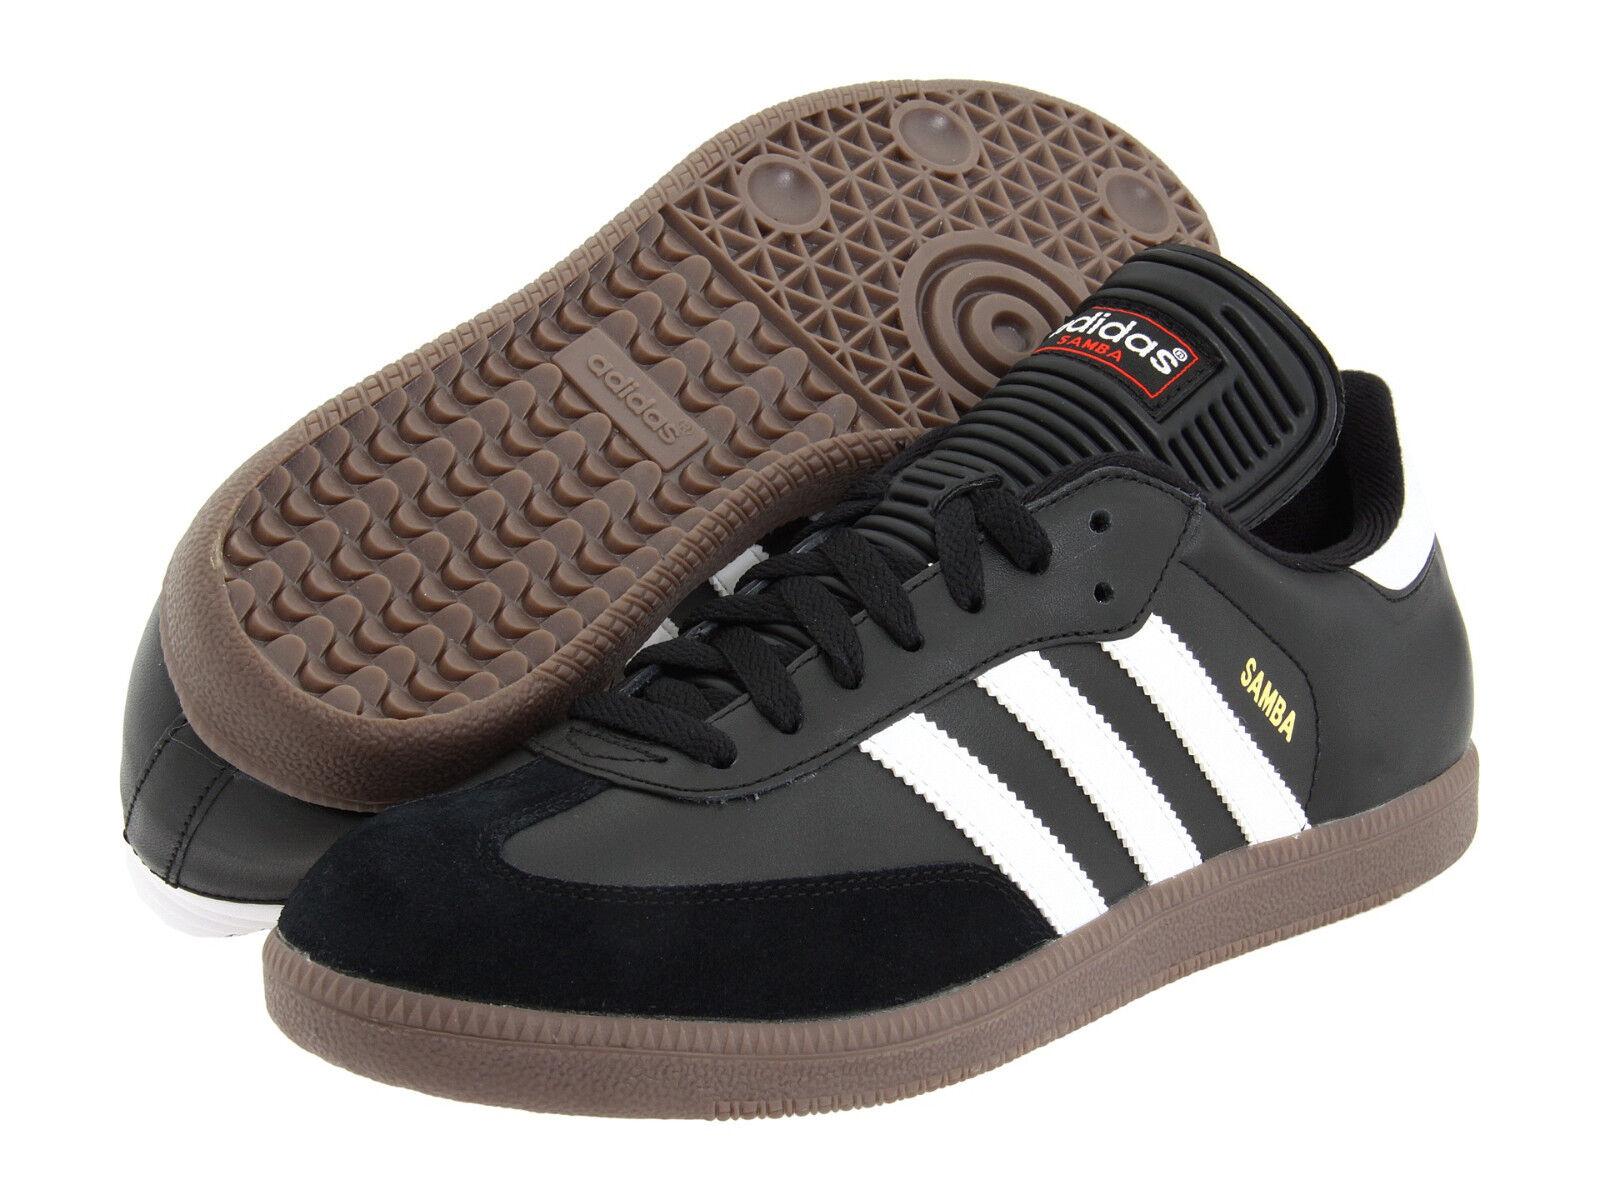 034563 hommes adidas adidas adidas samba classique noir et blanc 100% original nouveau 923ad9